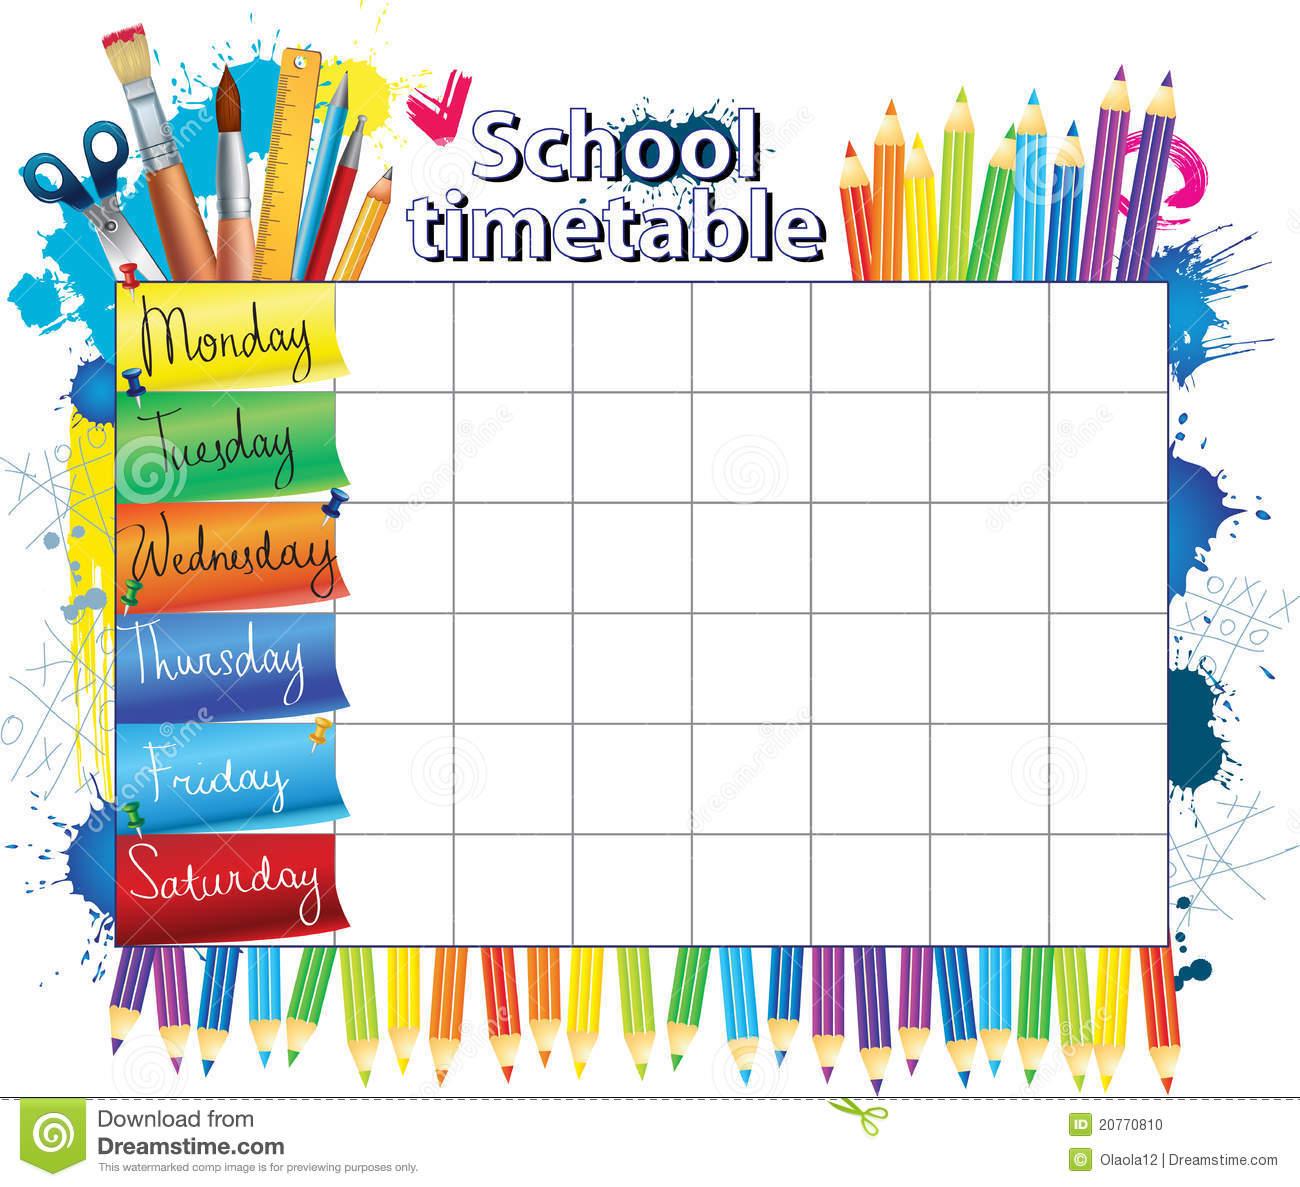 School timetable Stock Photo.